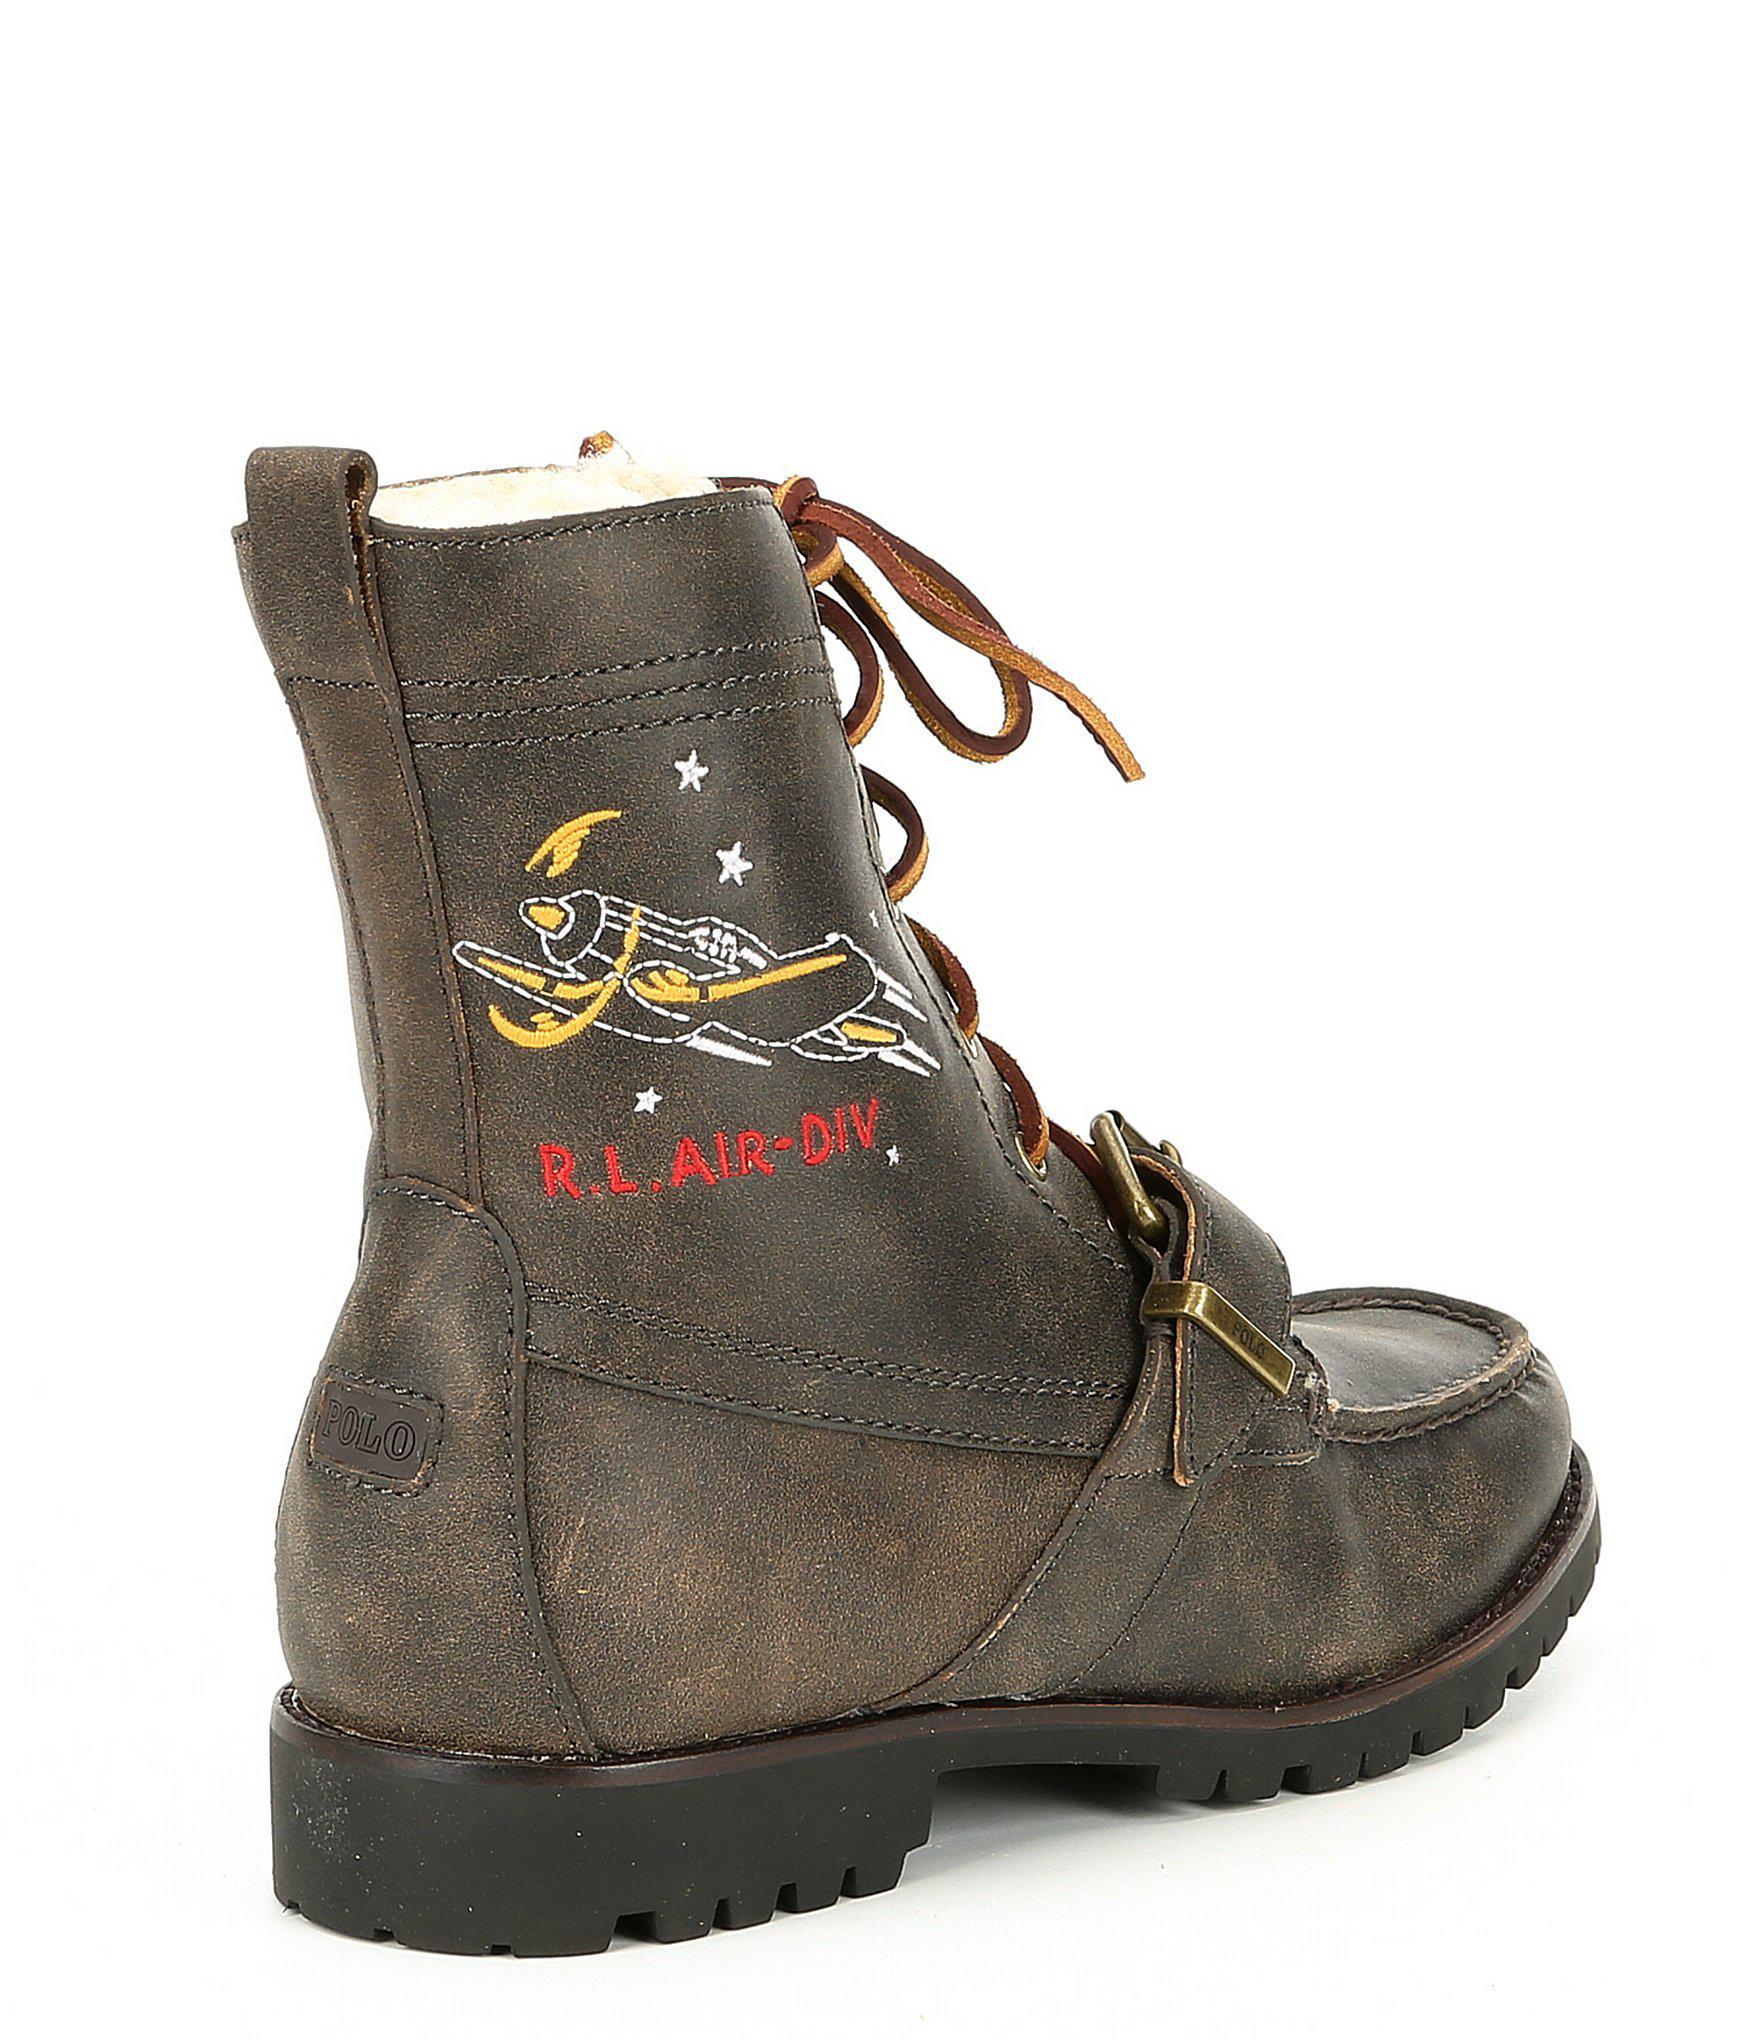 a64533e172b Men's Heavyweight Leather Ranger-s Boot